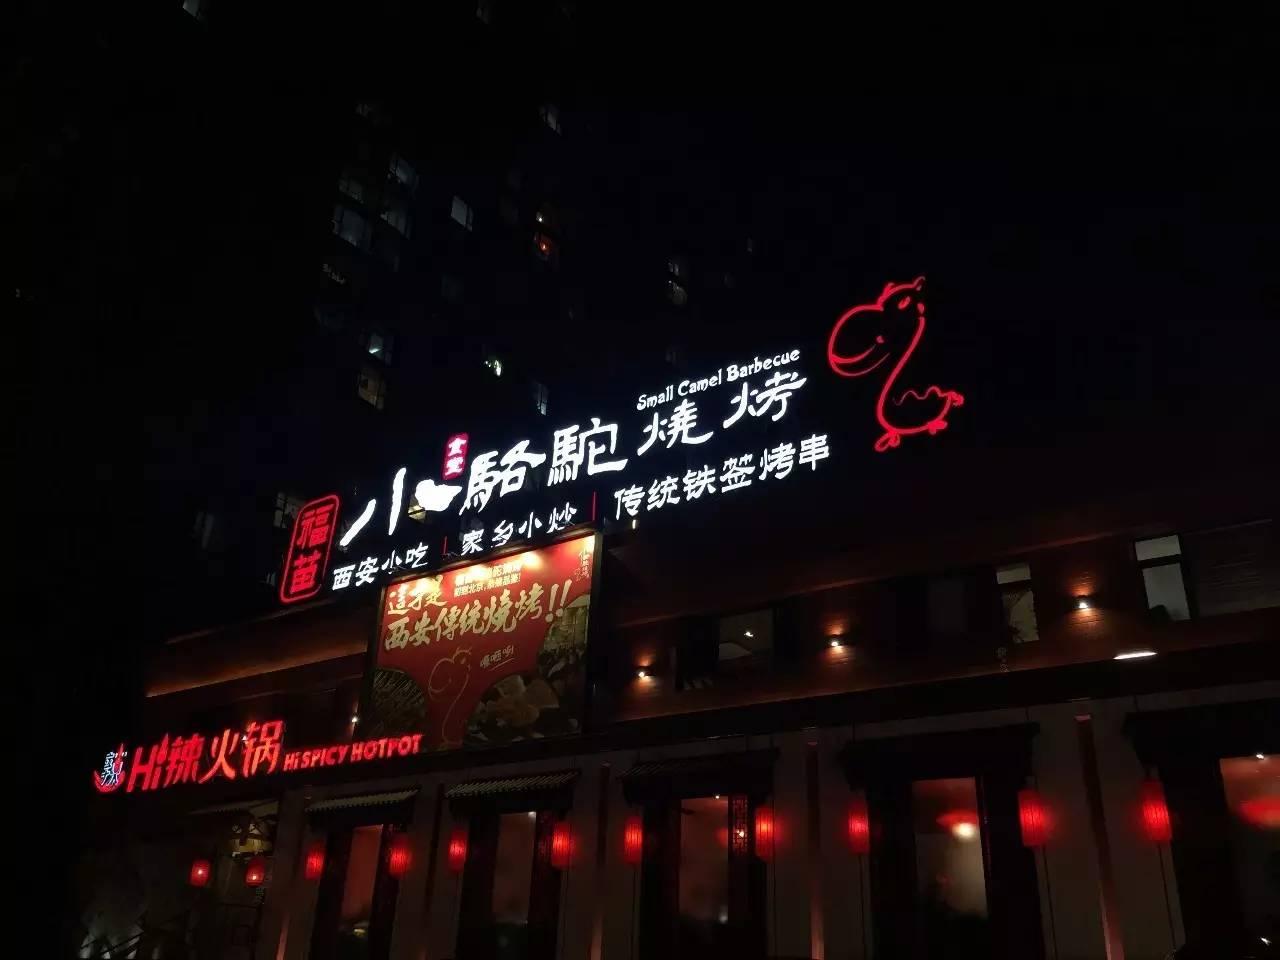 京城烤串江湖上的八大流派,你偏爱哪一家?